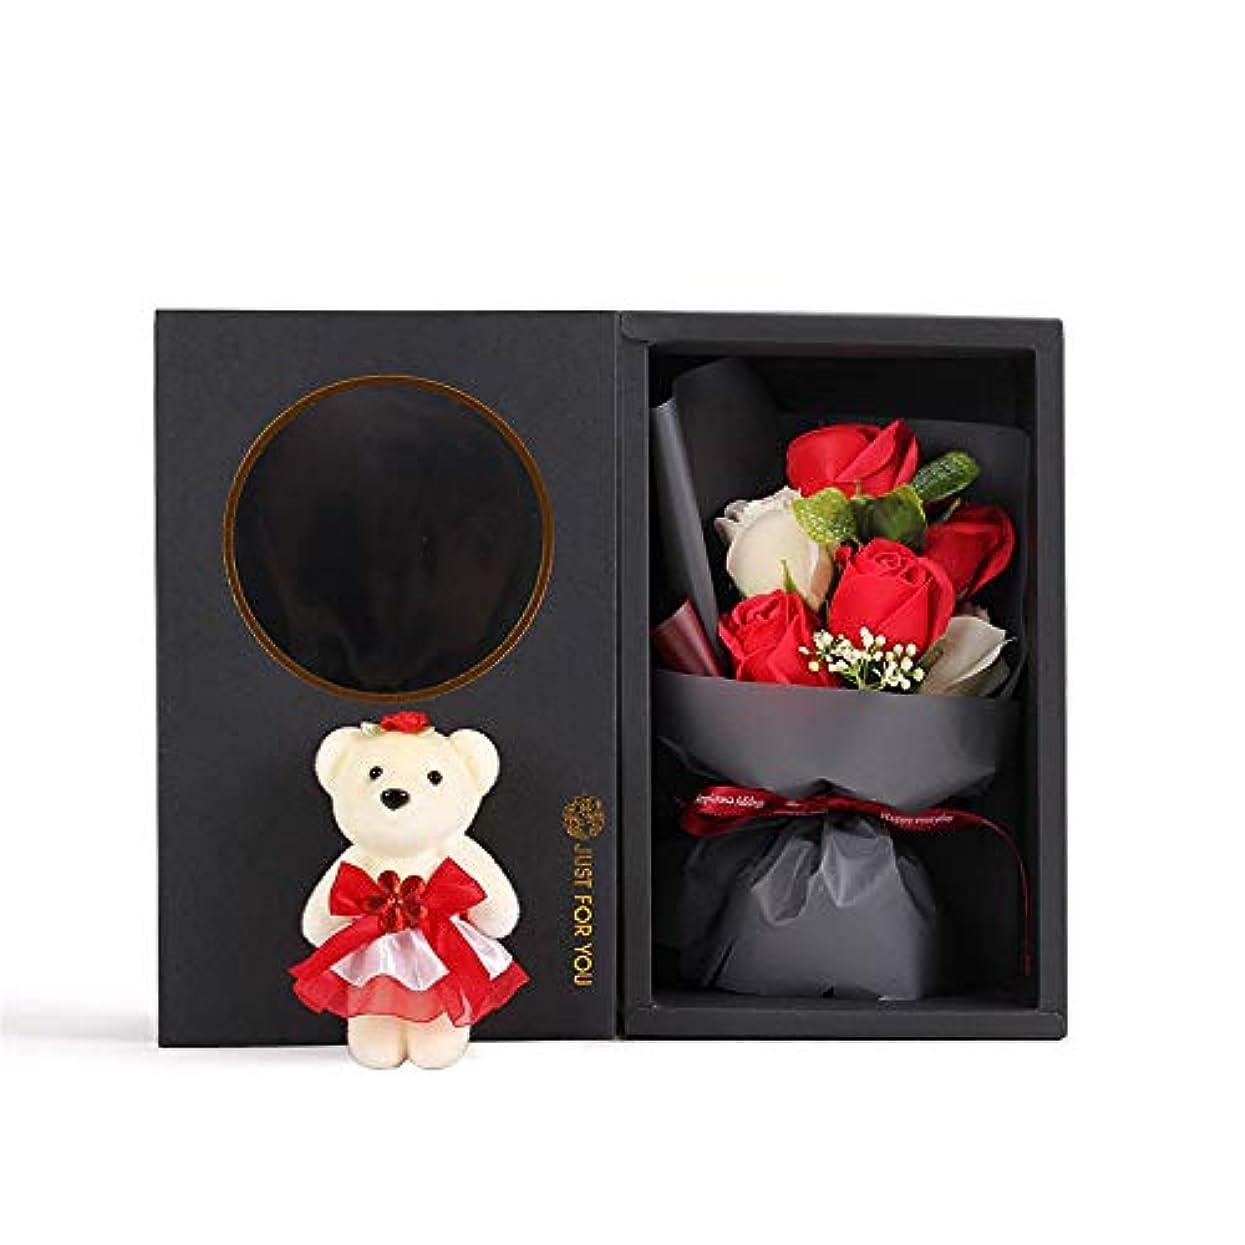 スチールカカドゥ写真撮影手作り6石鹸花の花束ギフトボックス、女性のためのギフトあなたがバレンタインデー、母の日、結婚式、クリスマス、誕生日を愛した女の子(ベアカラーランダム) (色 : 赤)